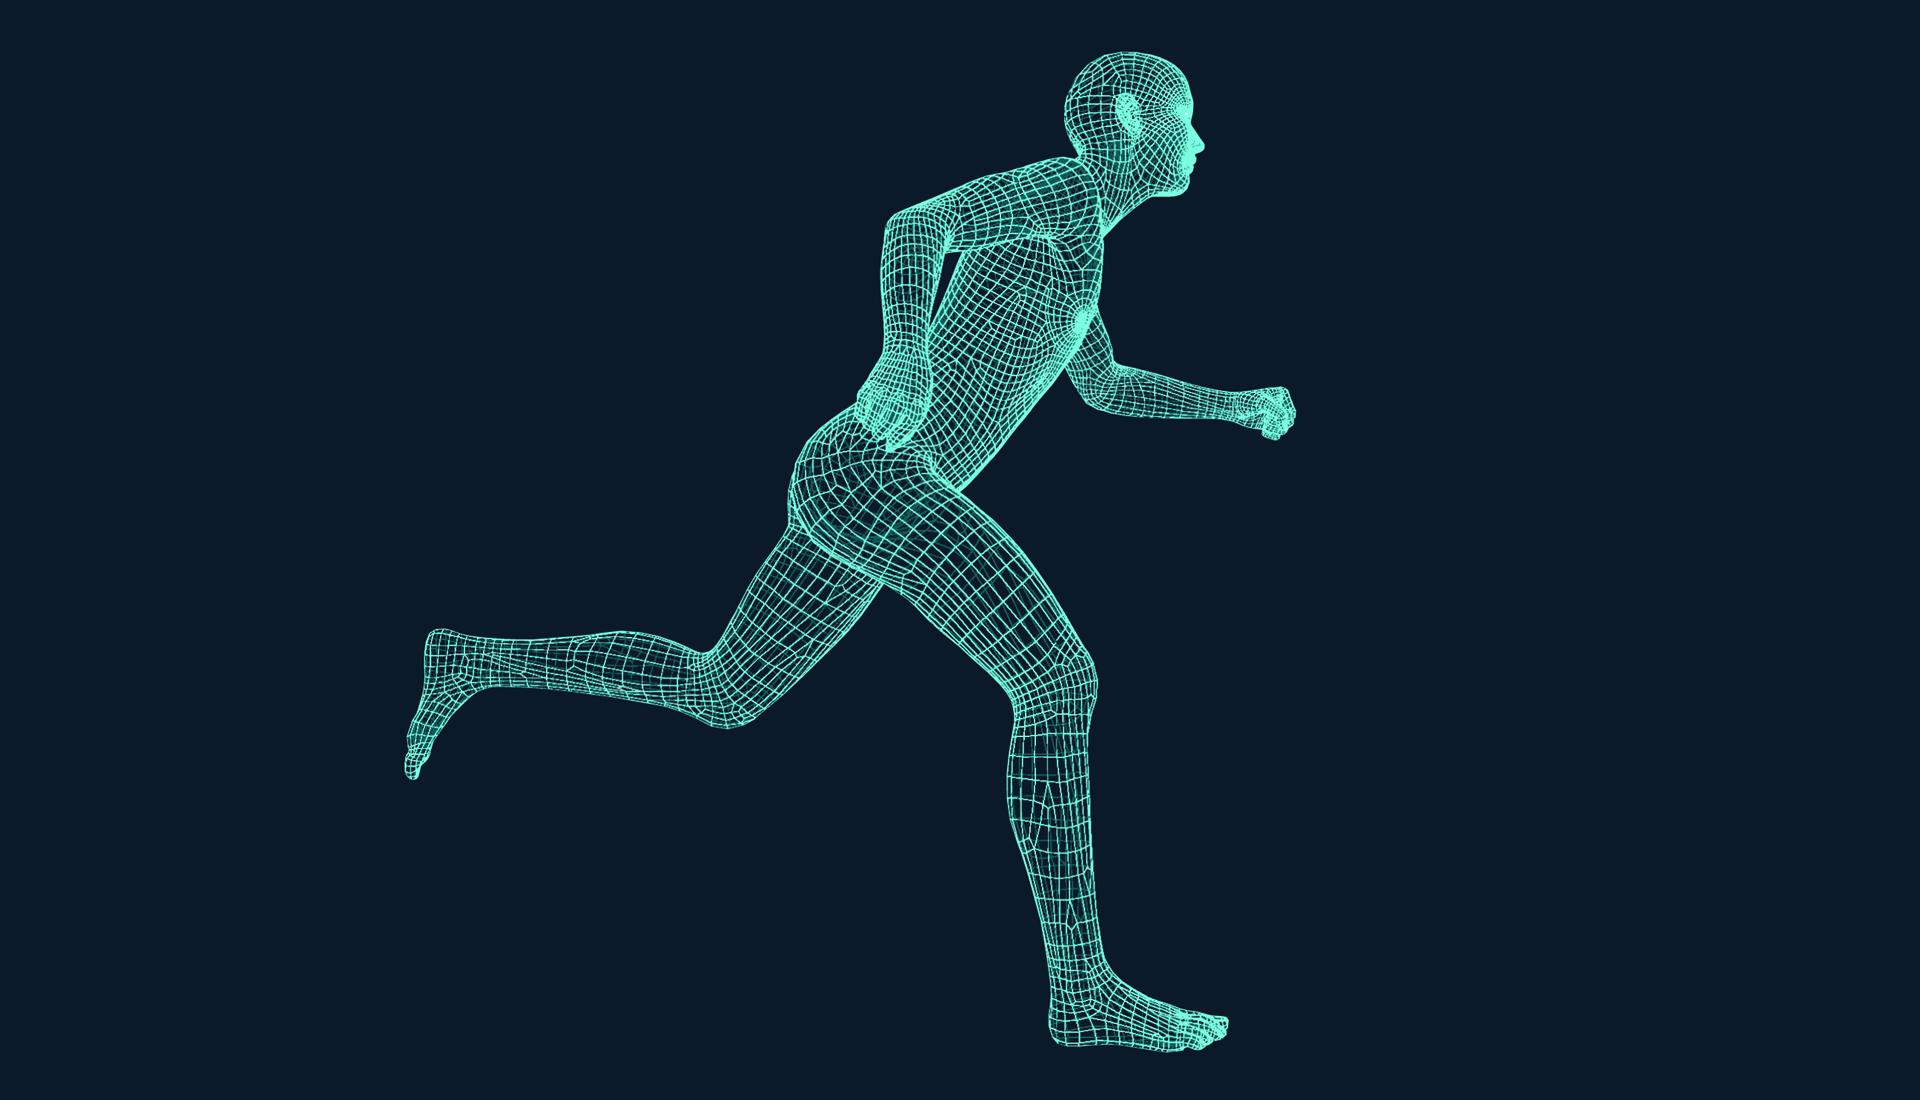 imagen de El libro presenta evidencias científicas de cómo la actividad física y deportiva moldea el cerebro humano. / CSIC-Catarata